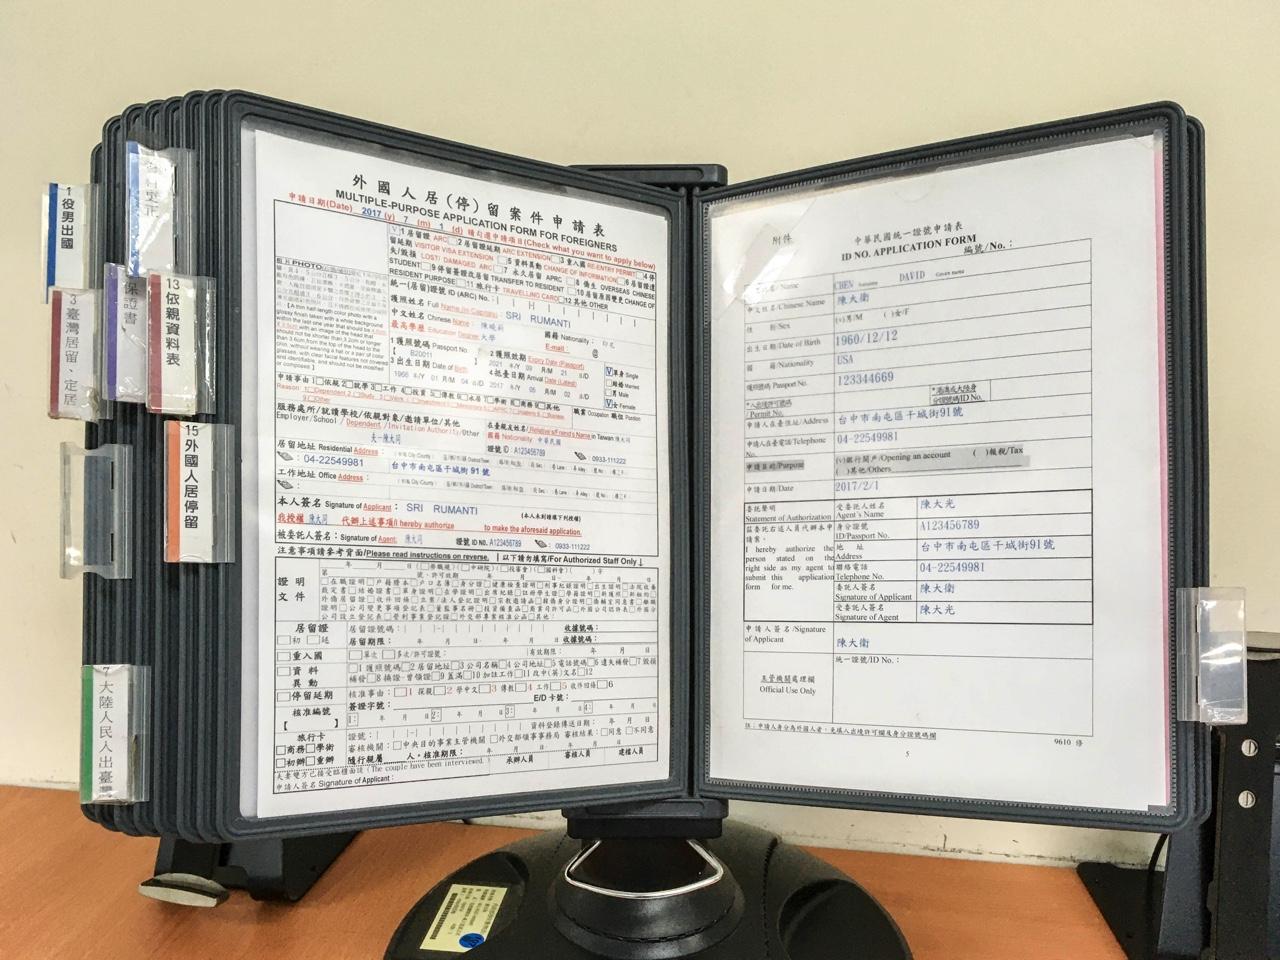 外國人居(停)留案件申請表の記入見本